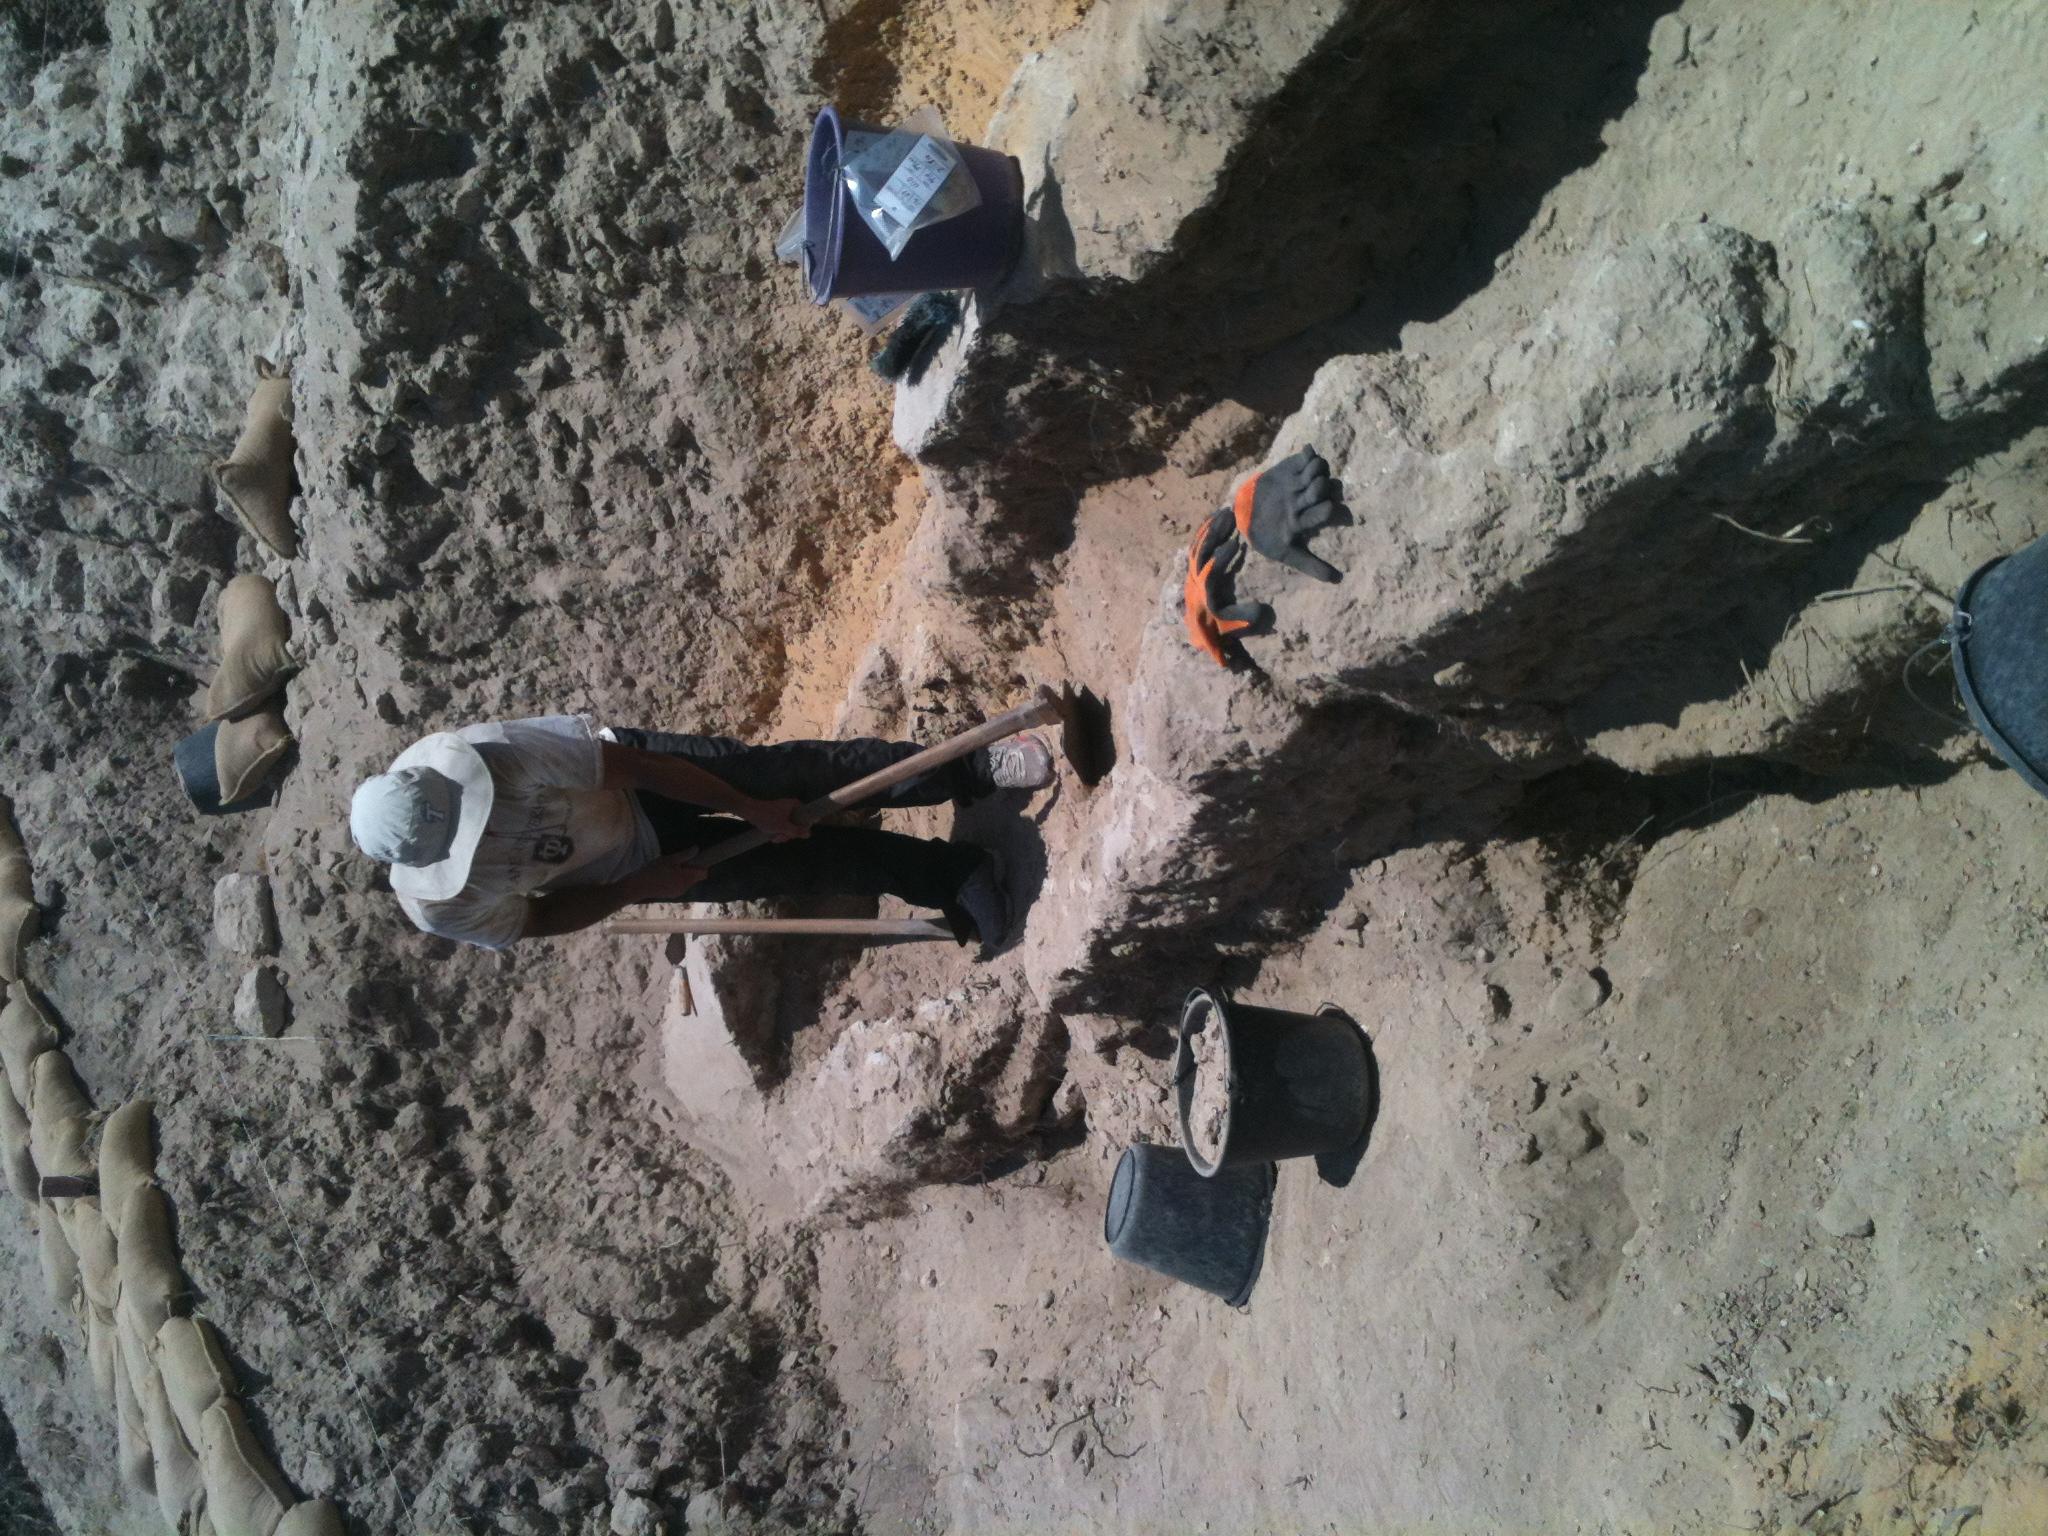 Grid 16 volunteer excavating sewer